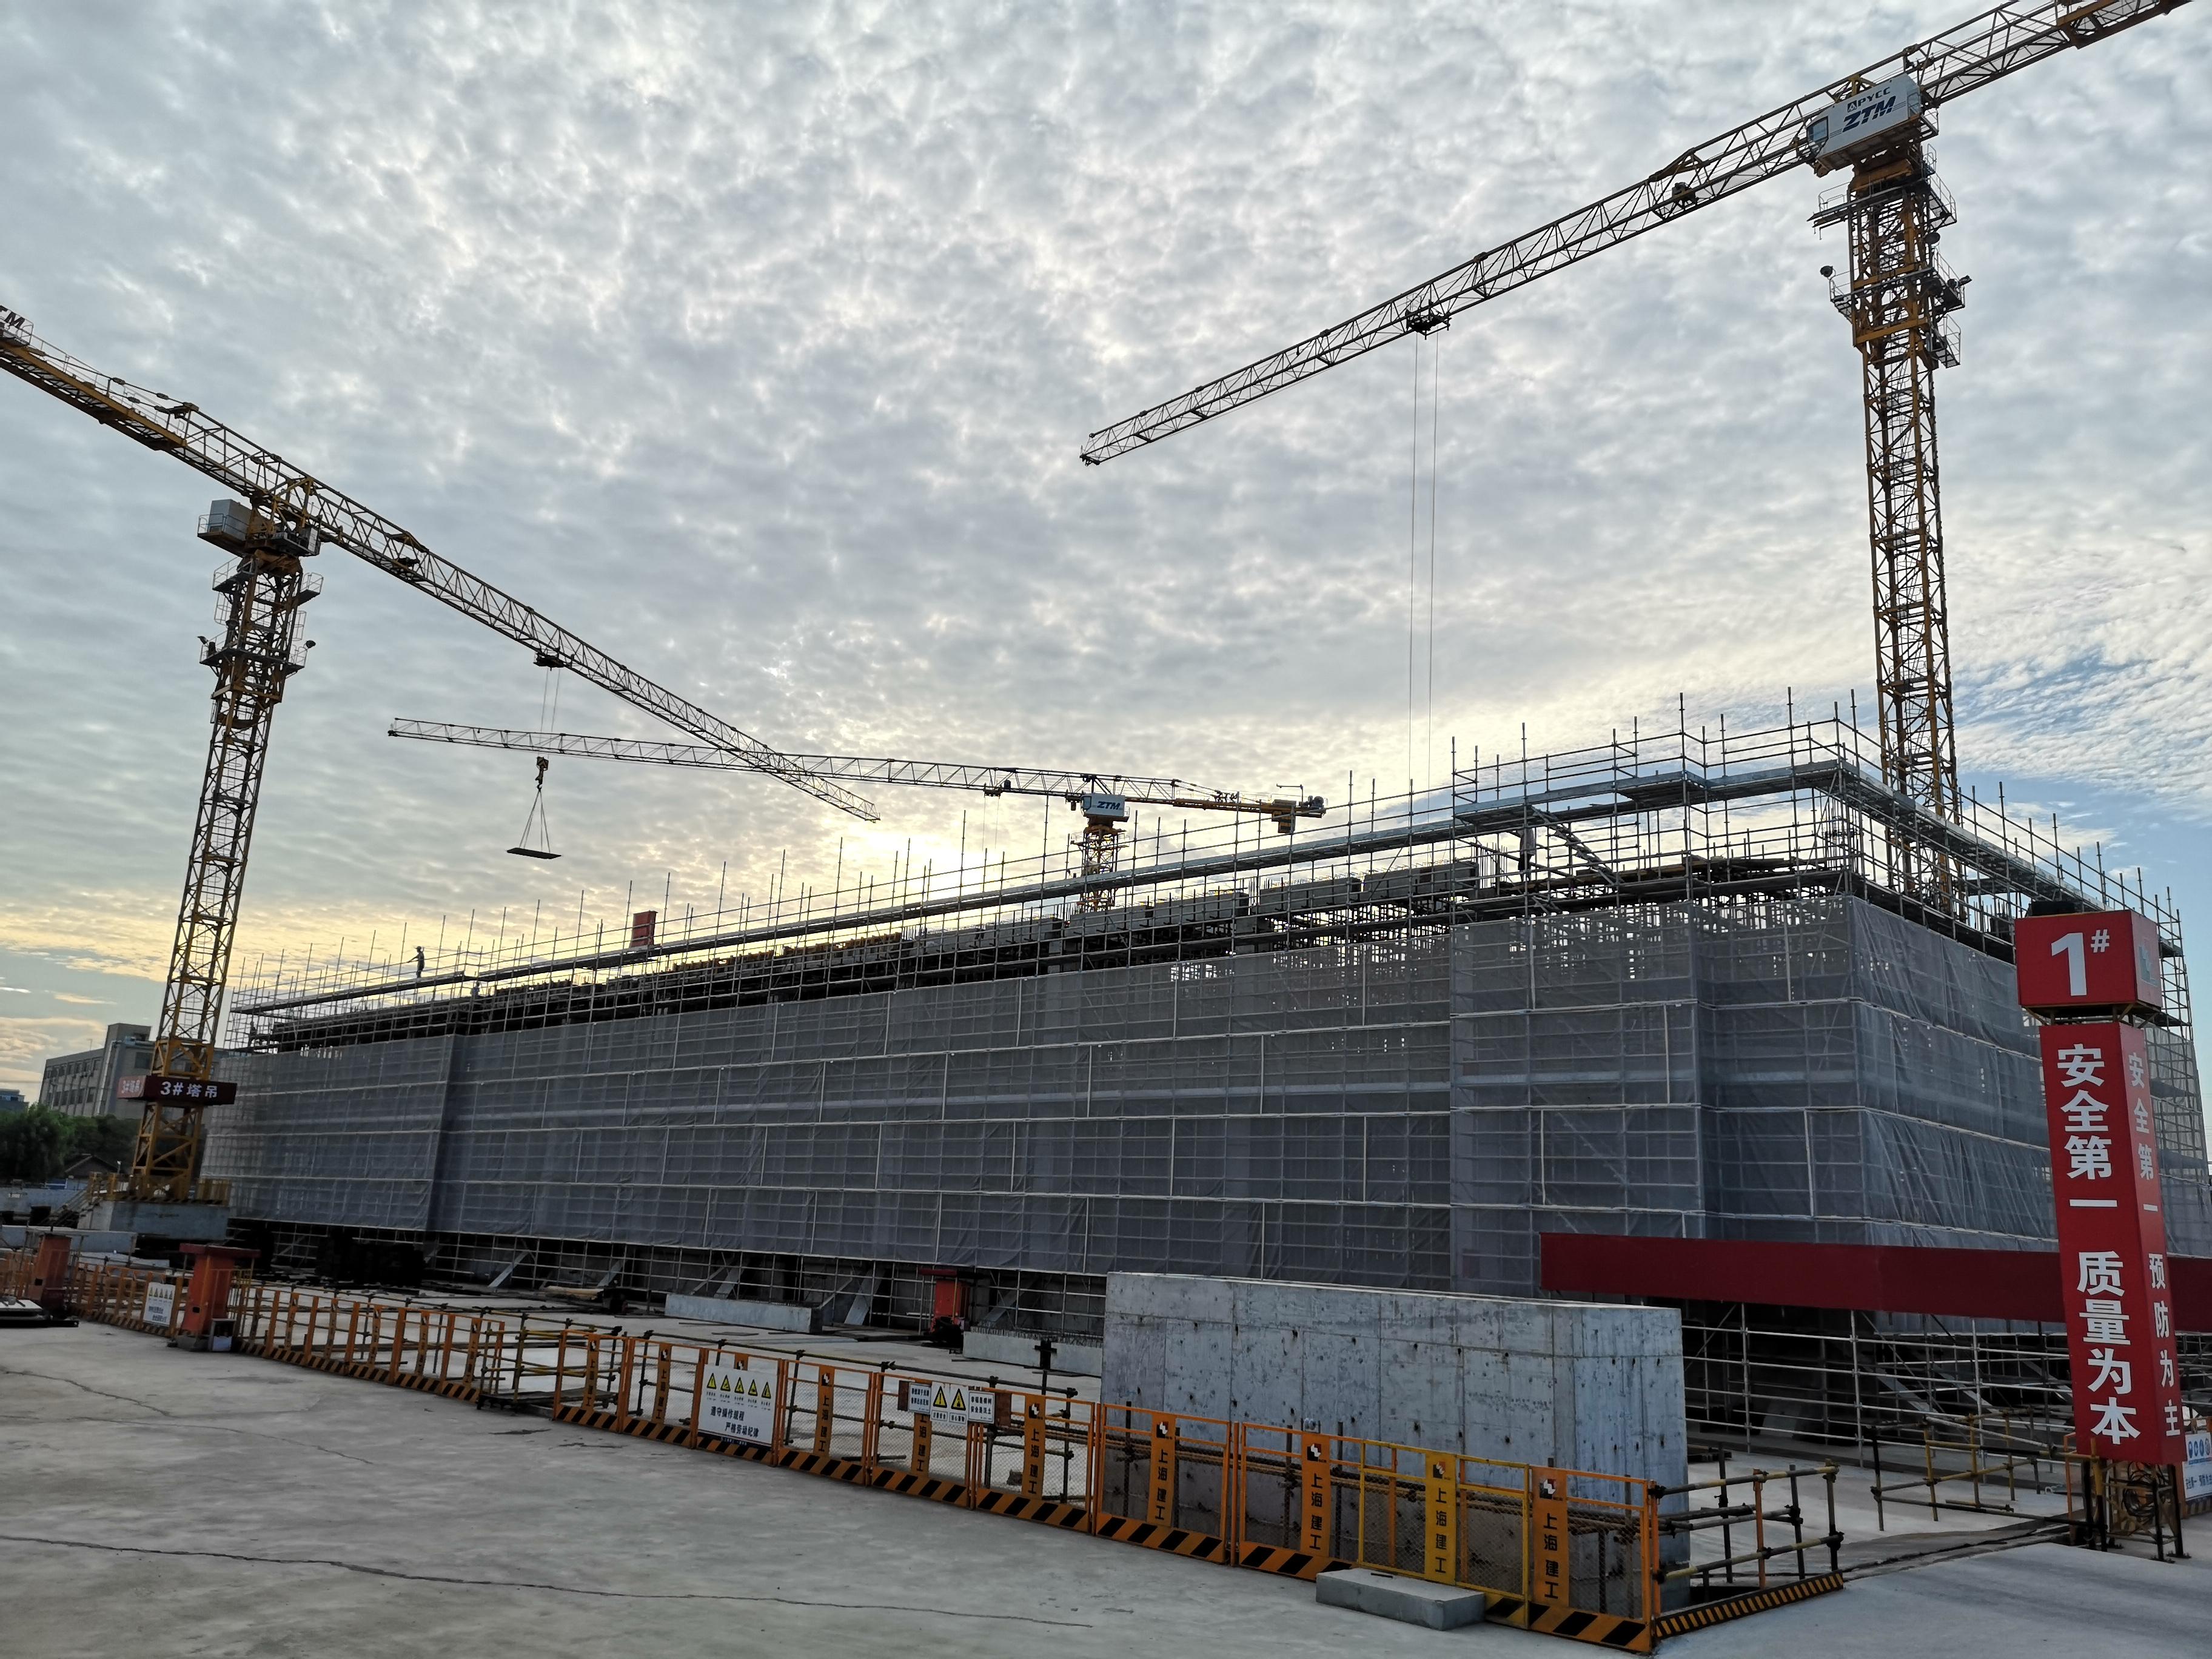 宝山区精神卫生中心迁建工程施工现场,工人正在作业。澎湃新闻见习记者 陈少颖 摄